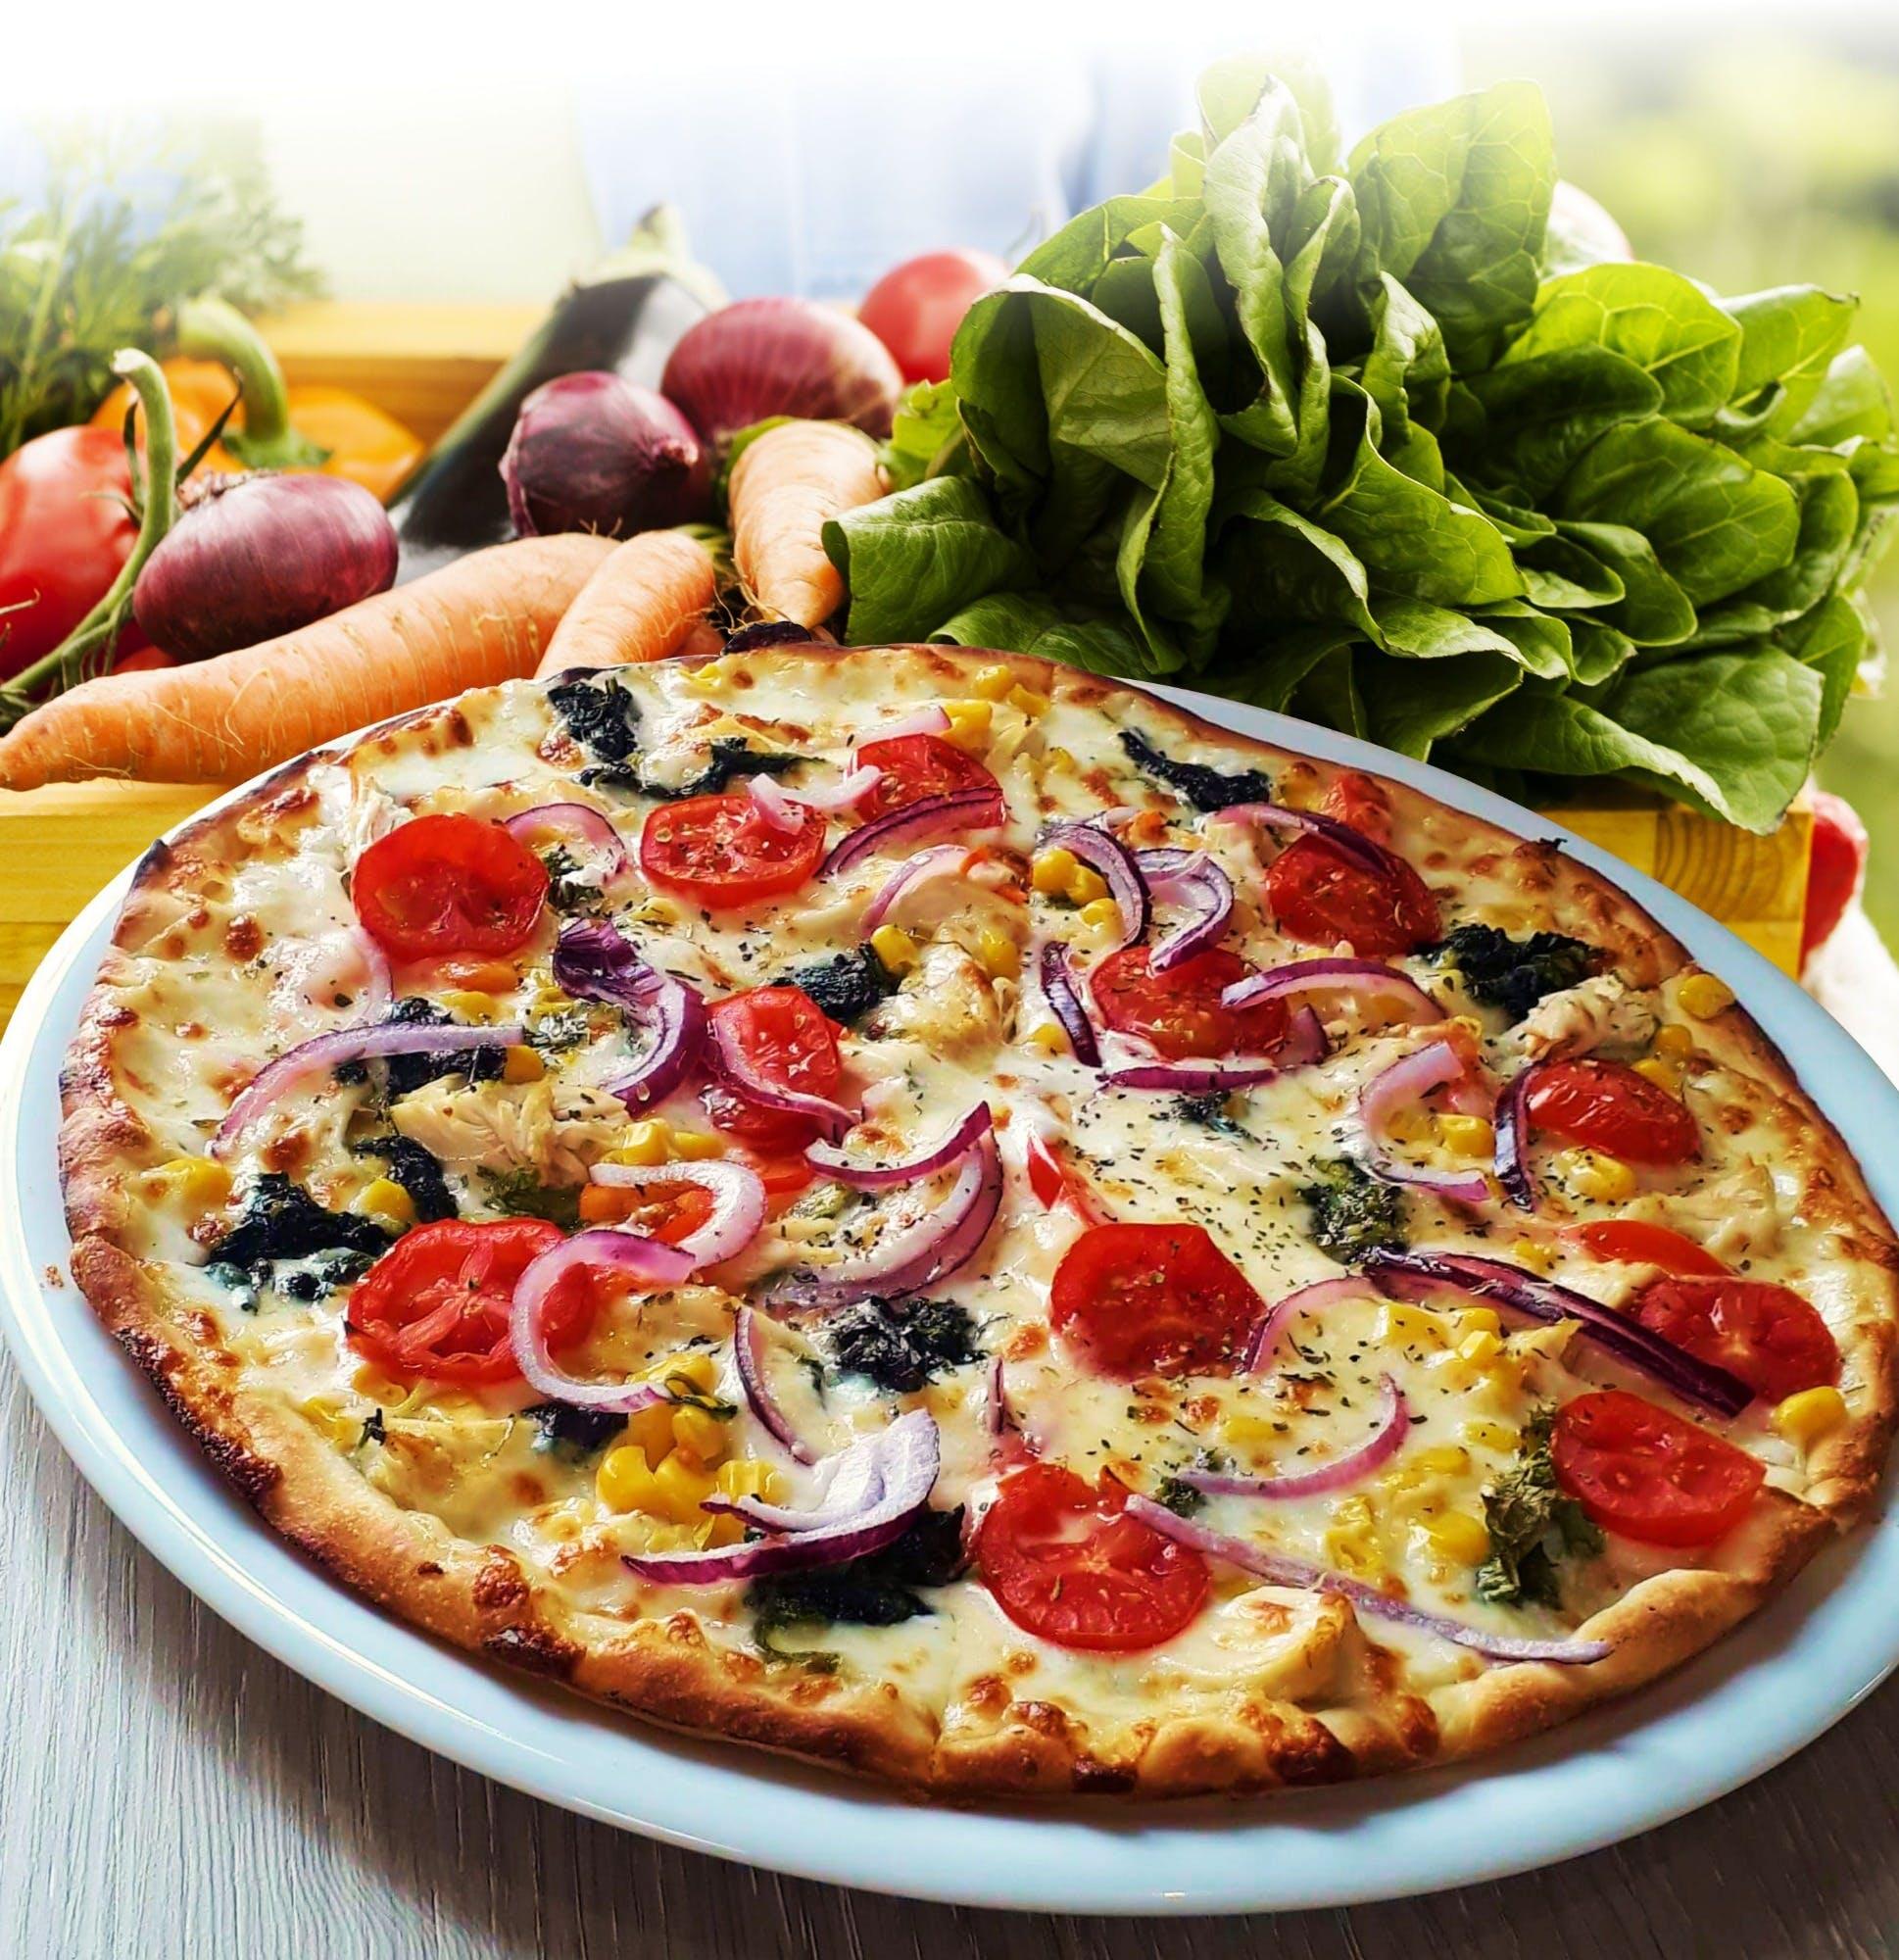 Wiosenna promocja na pizzę